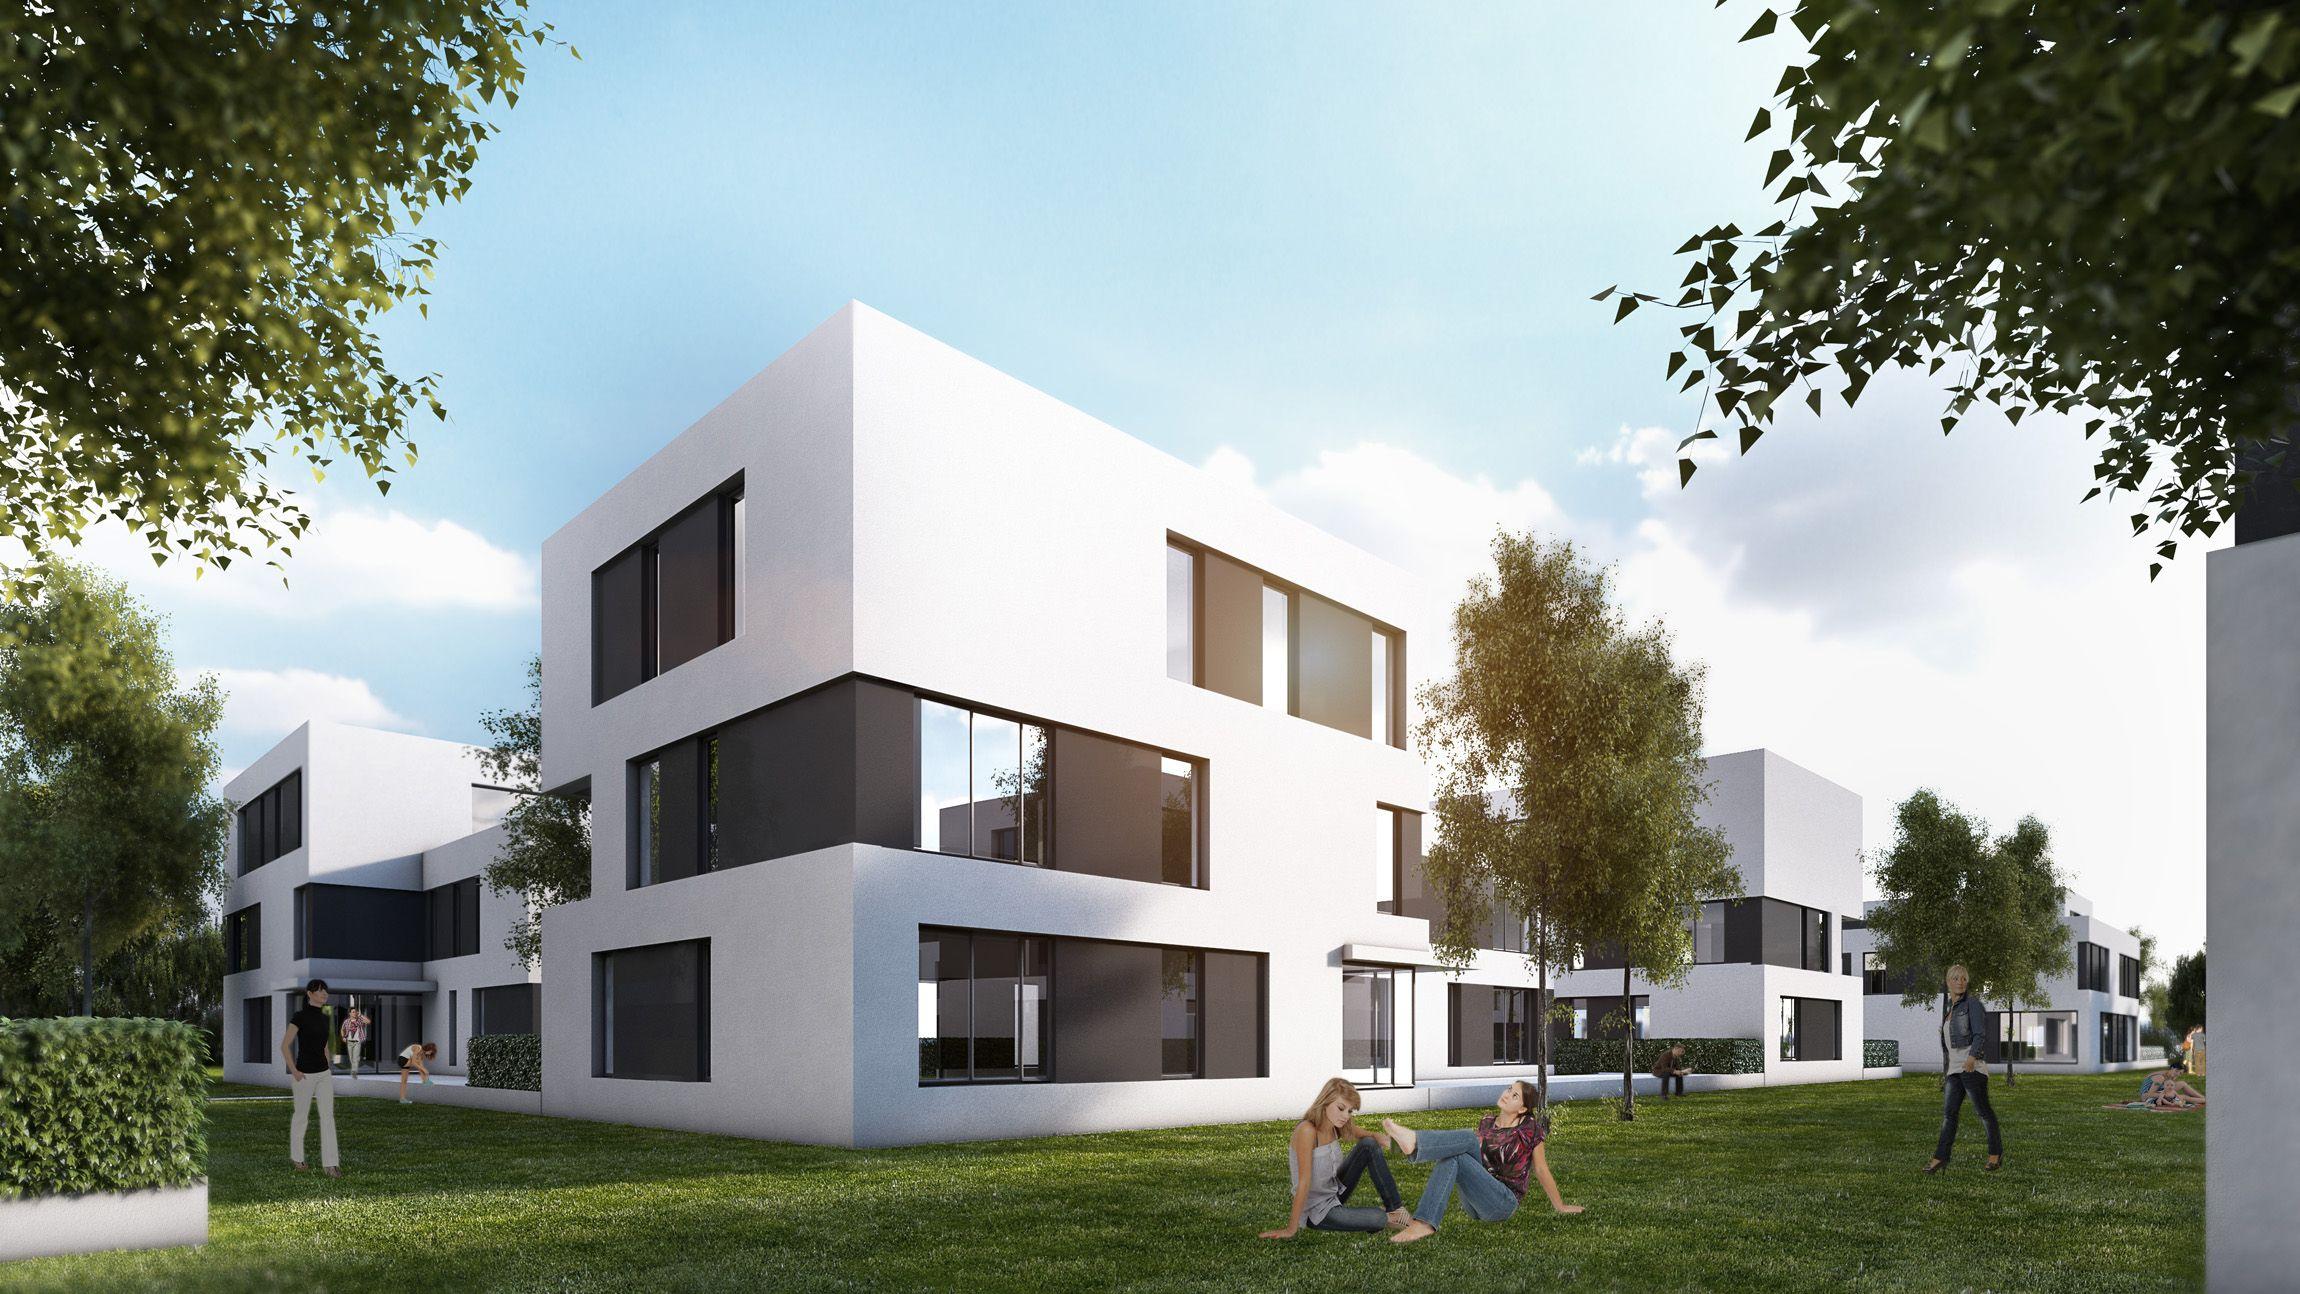 Schanzercarree Ingolstadt 4 Wohnungsbau, Architektur und